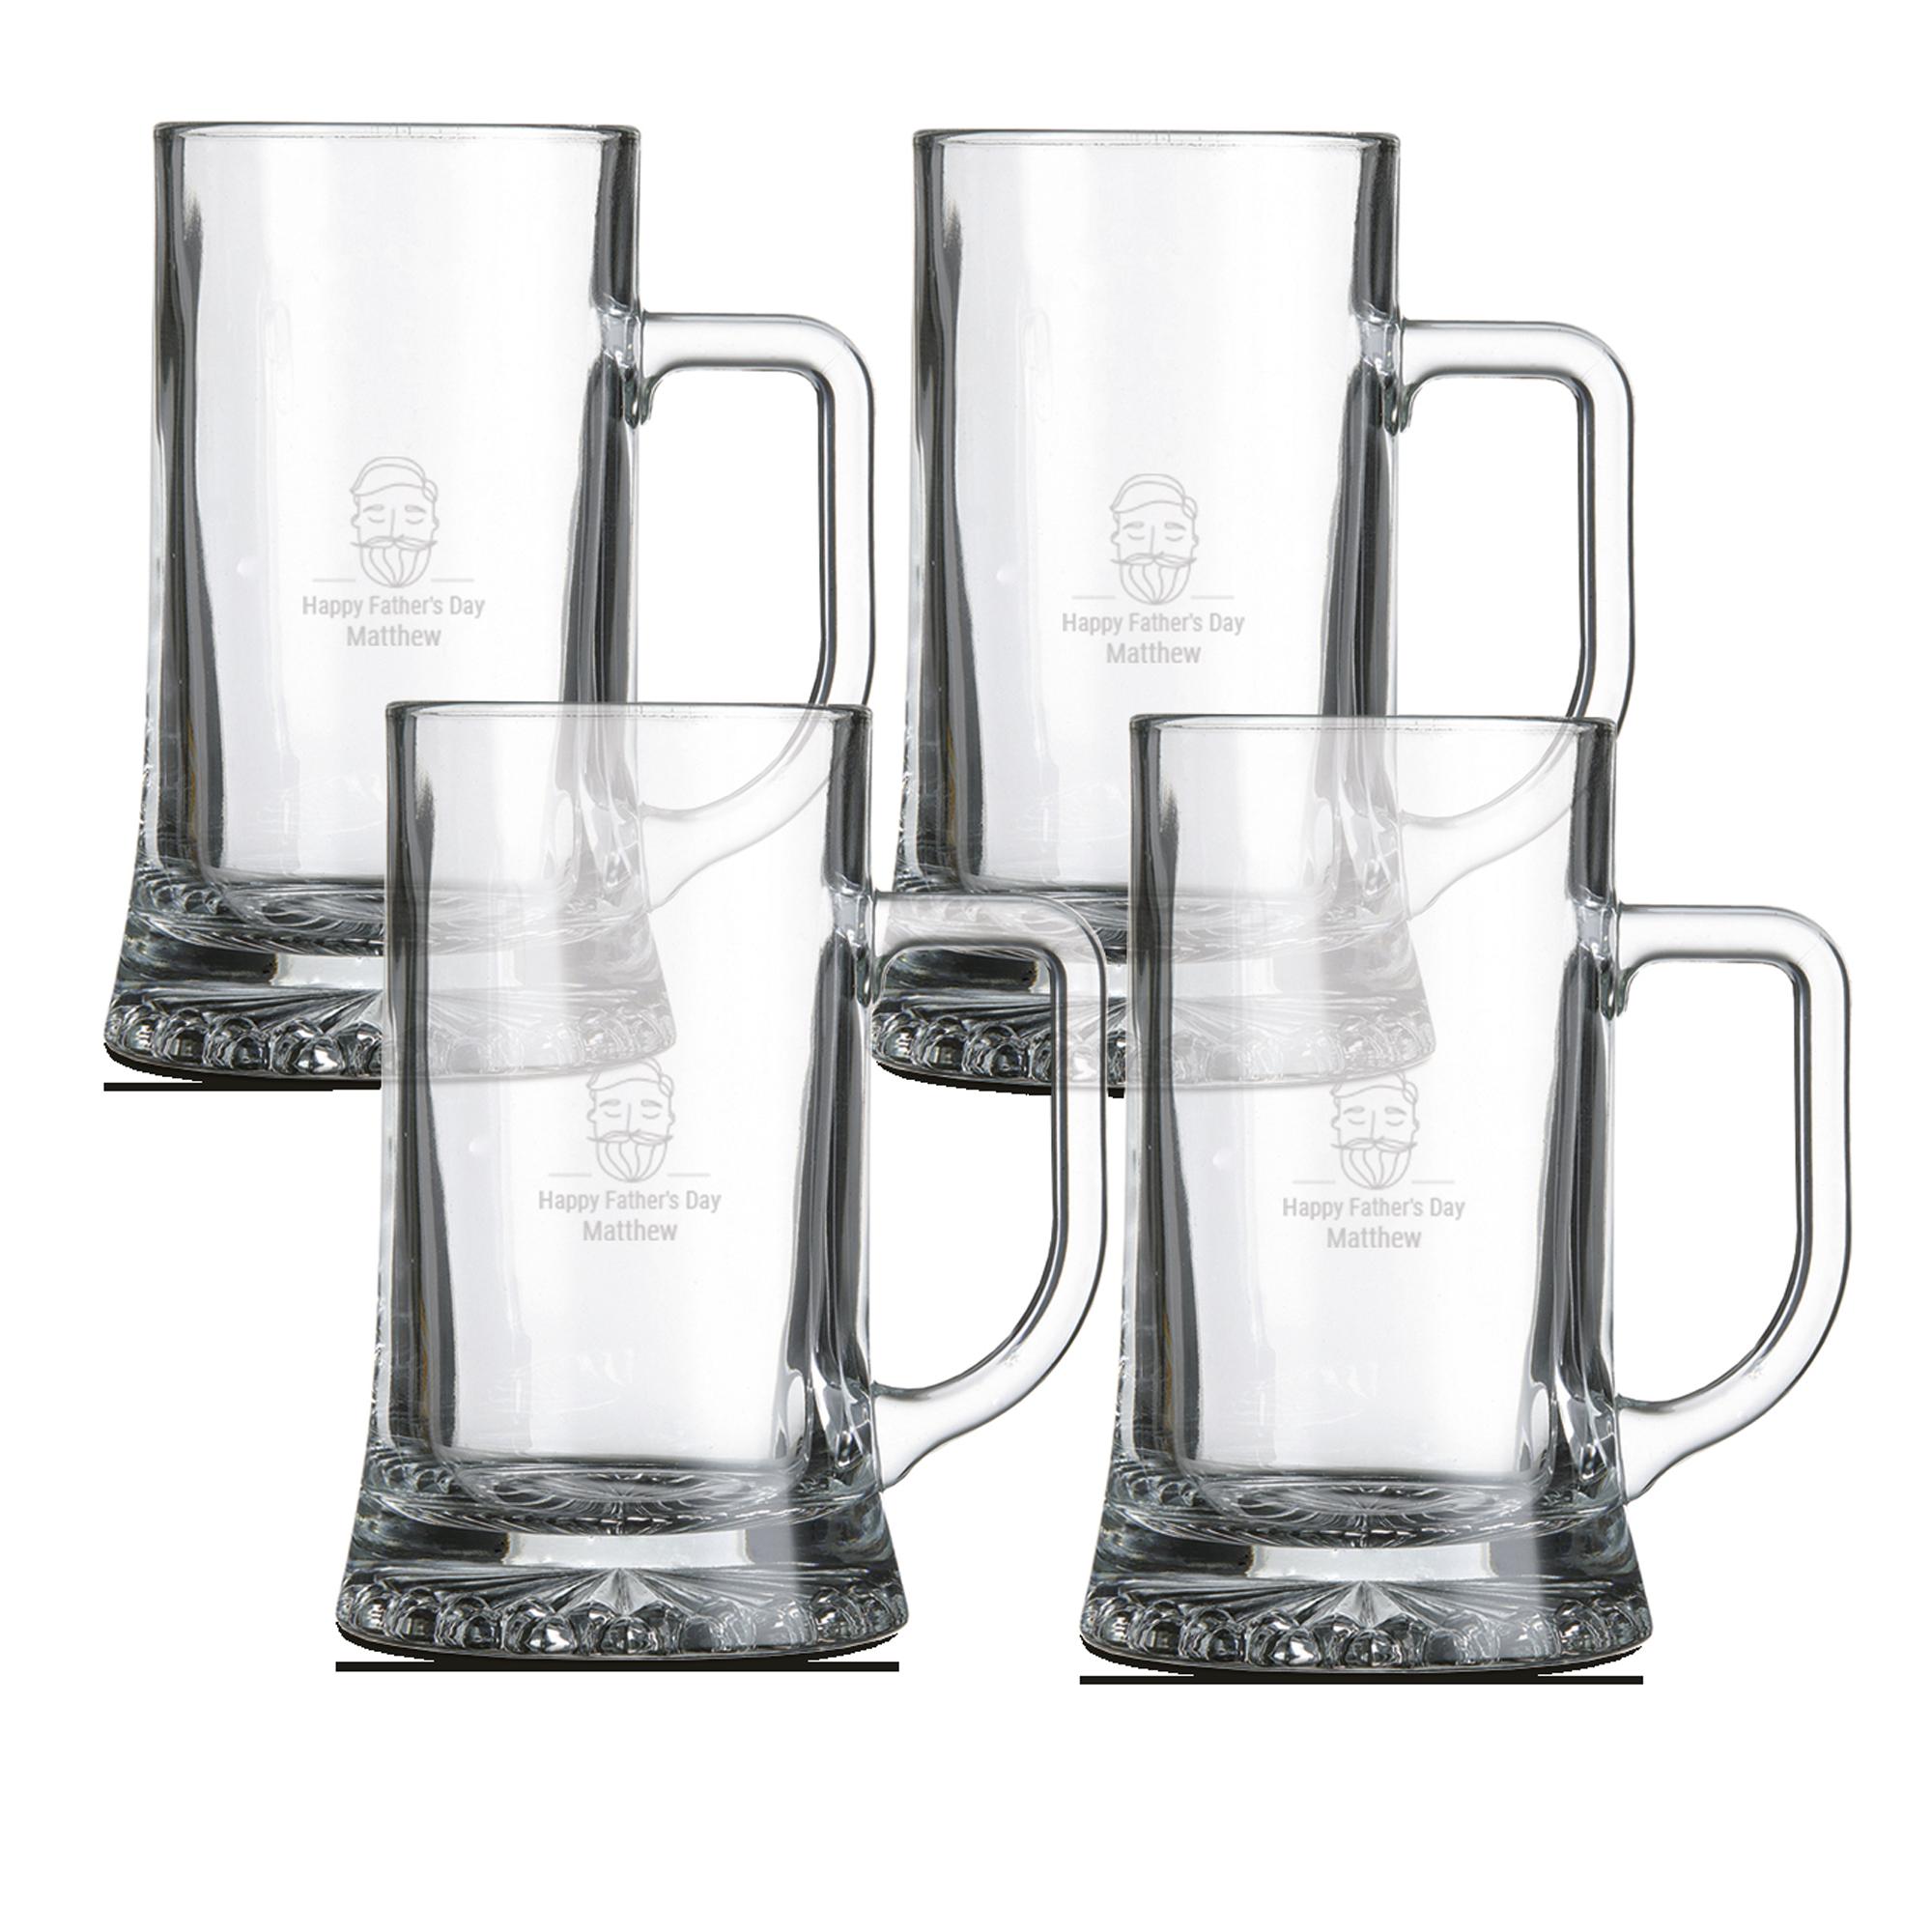 Engraved glass beer mug - set of 4